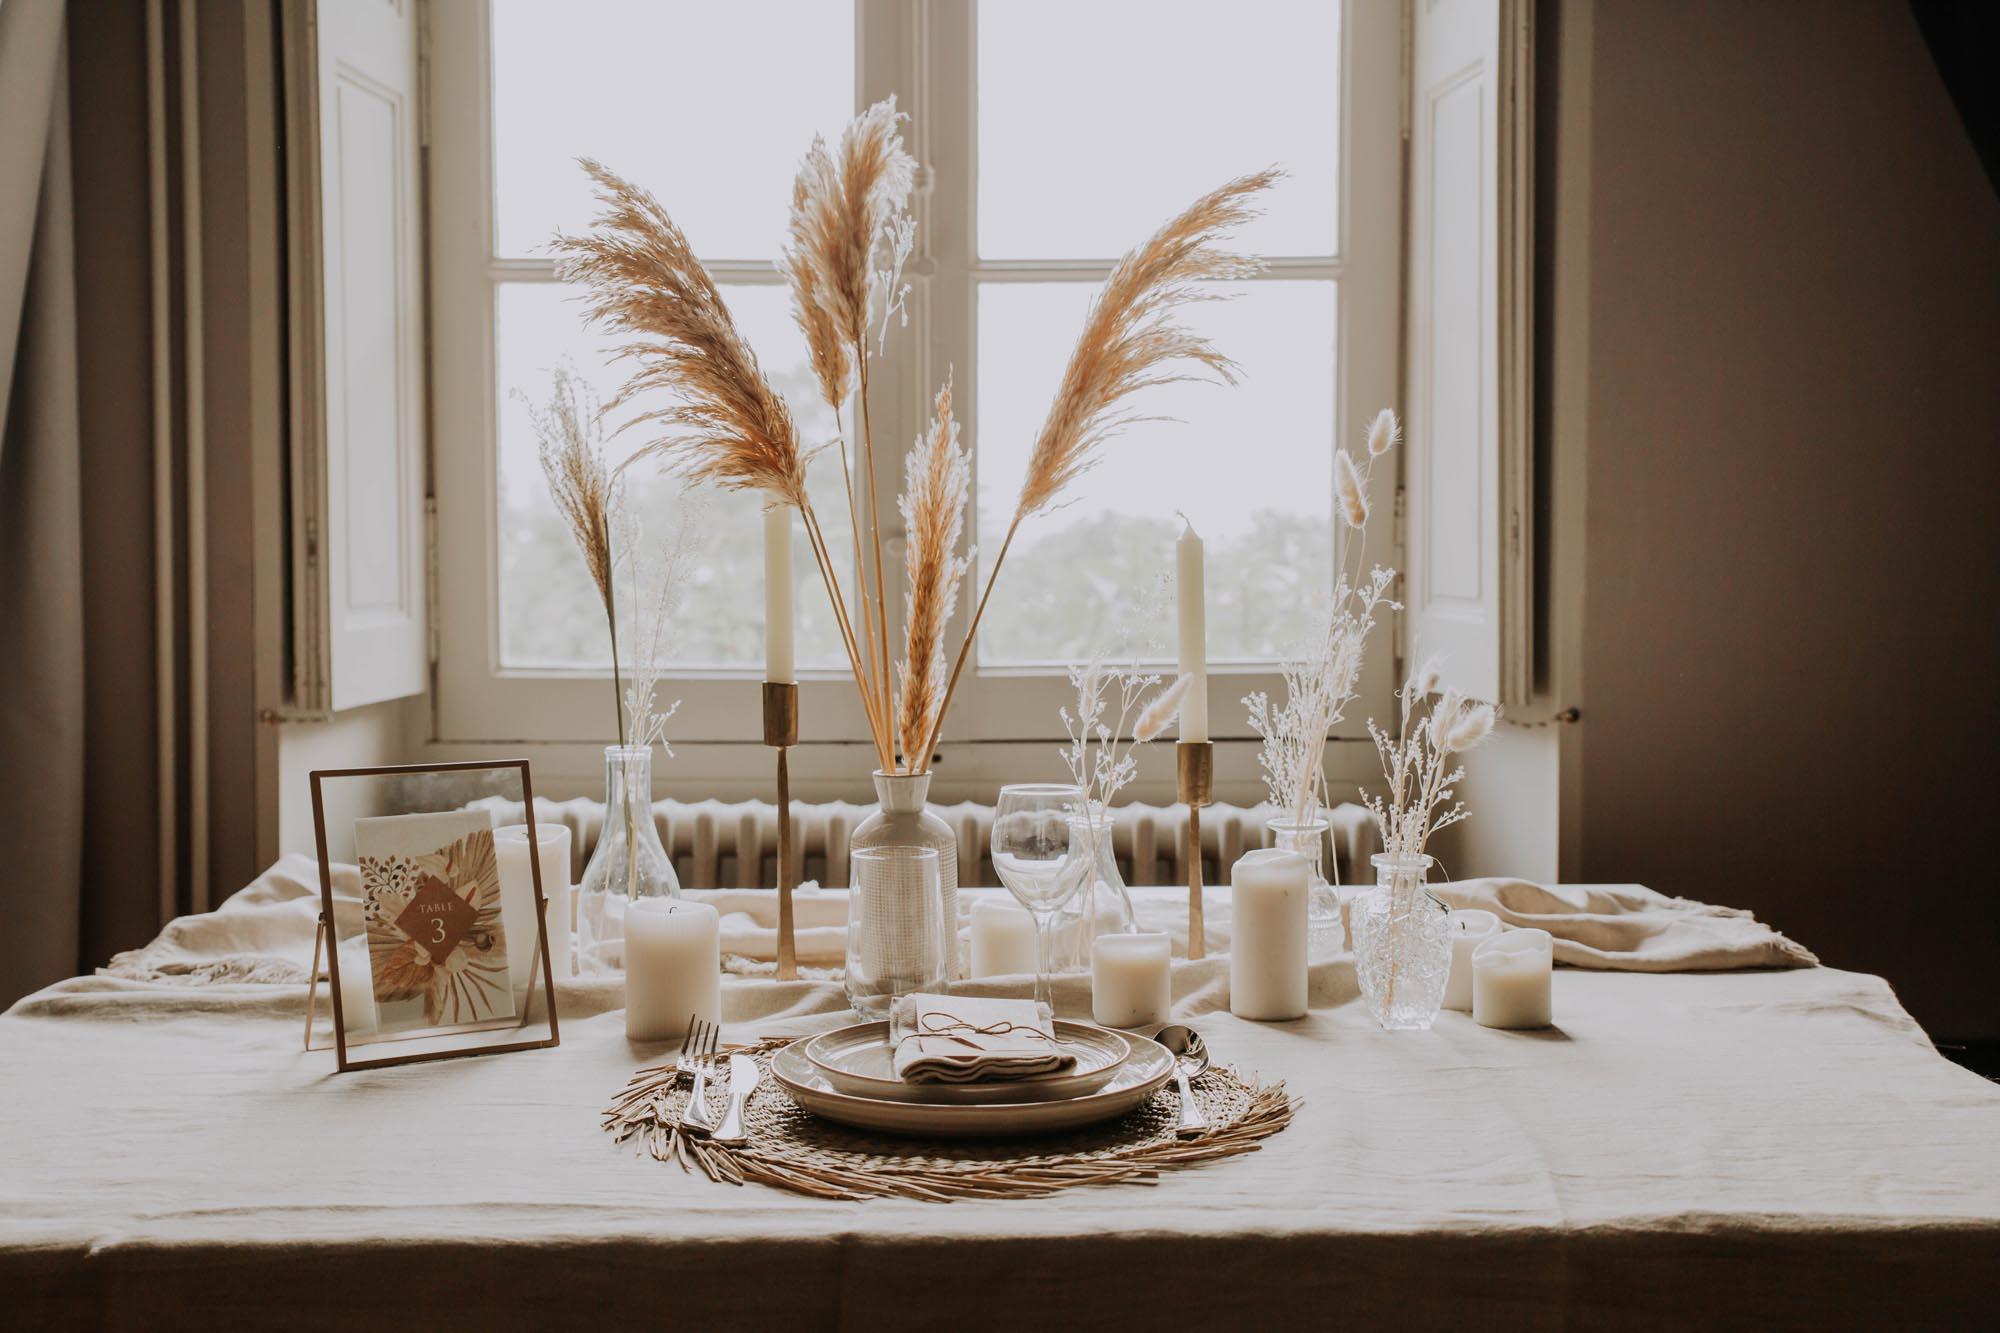 Menu individuel pampa bohème boho boho chic Fleurs séchées floral mariage ocre terracotta